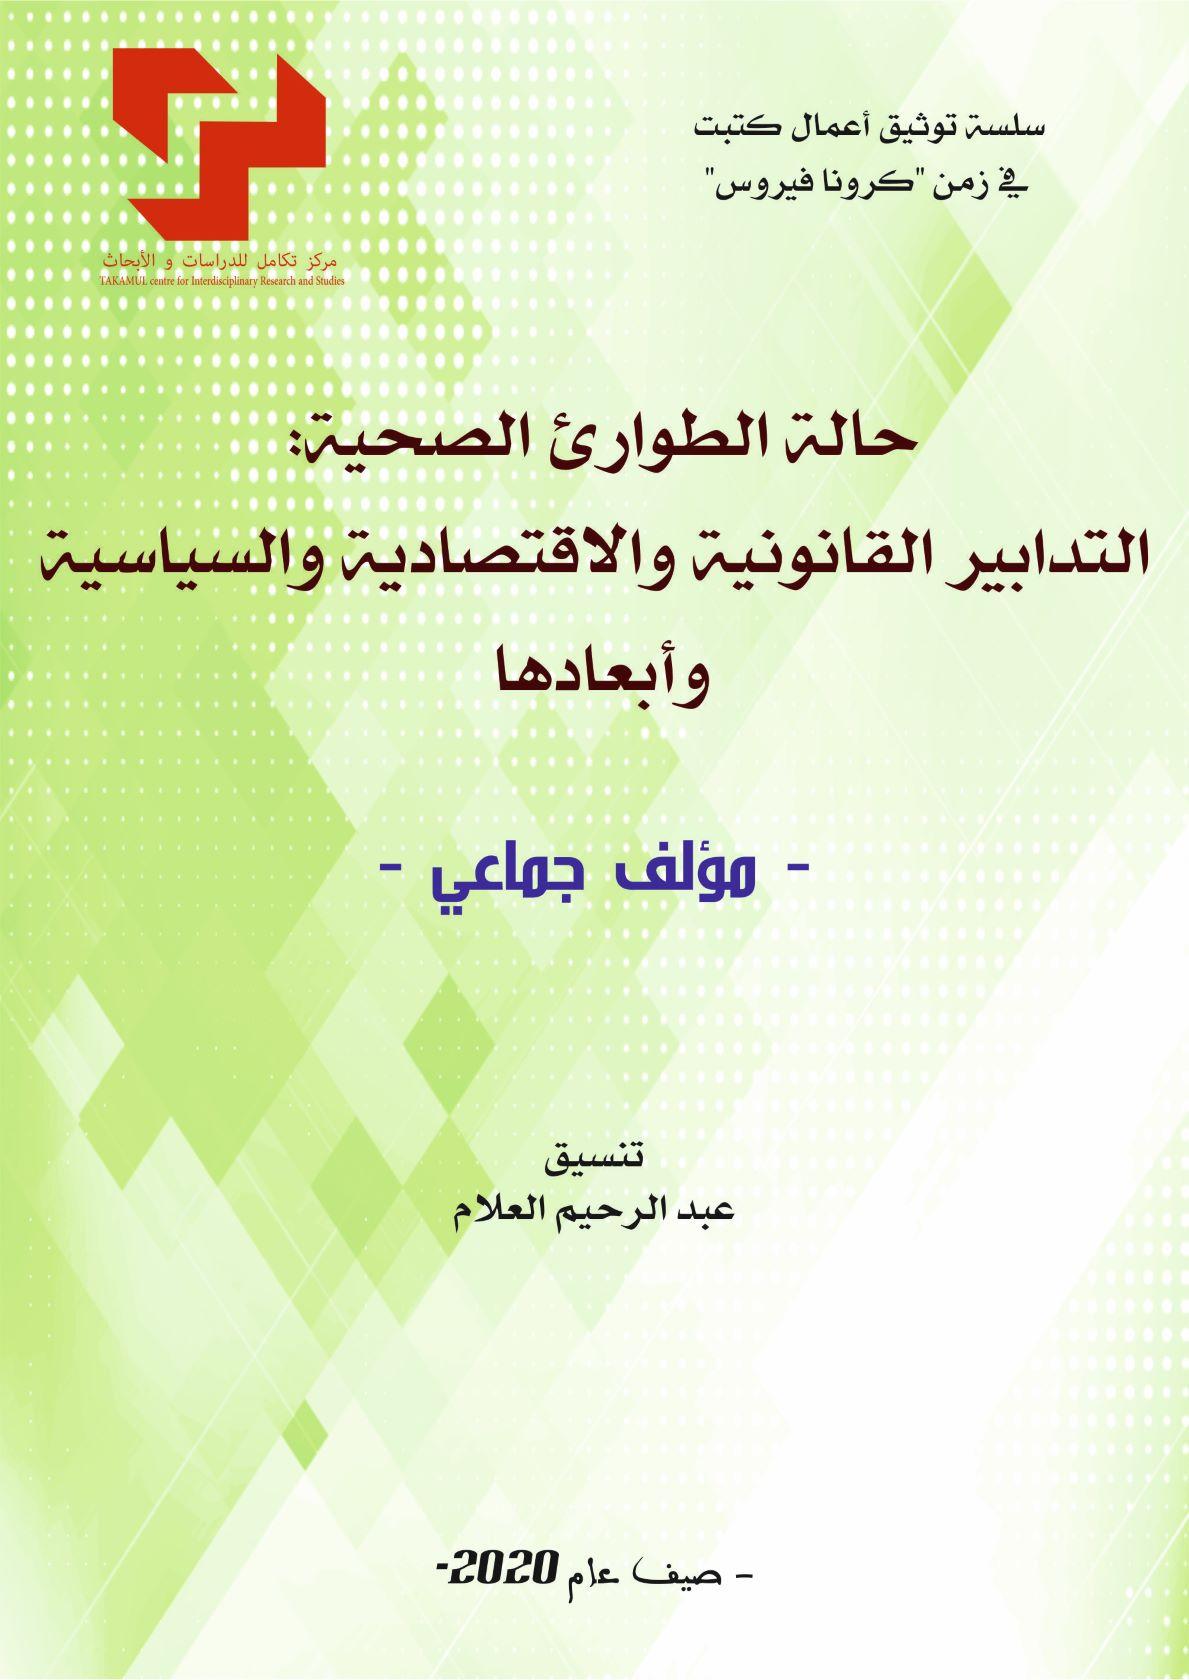 مؤلف جماعي حول موضوع حالة الطوارء الصحية: التدابير القانونية والاقتصادية والسياسية وأبعادها